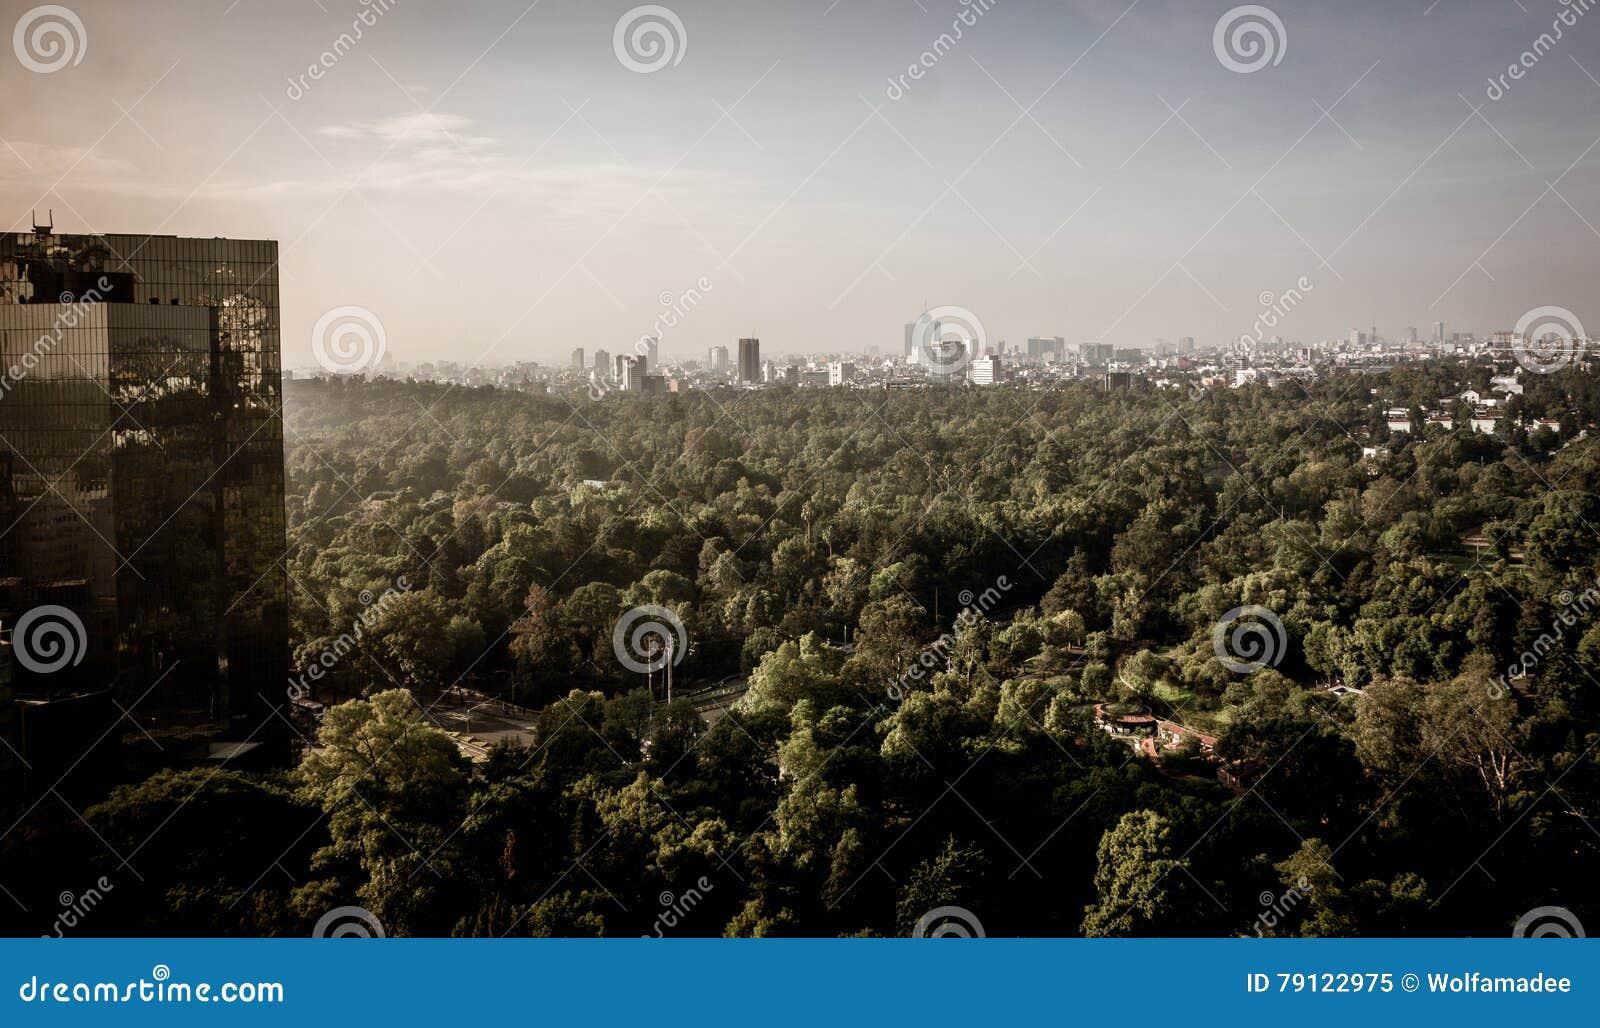 Parque de Cidade do México